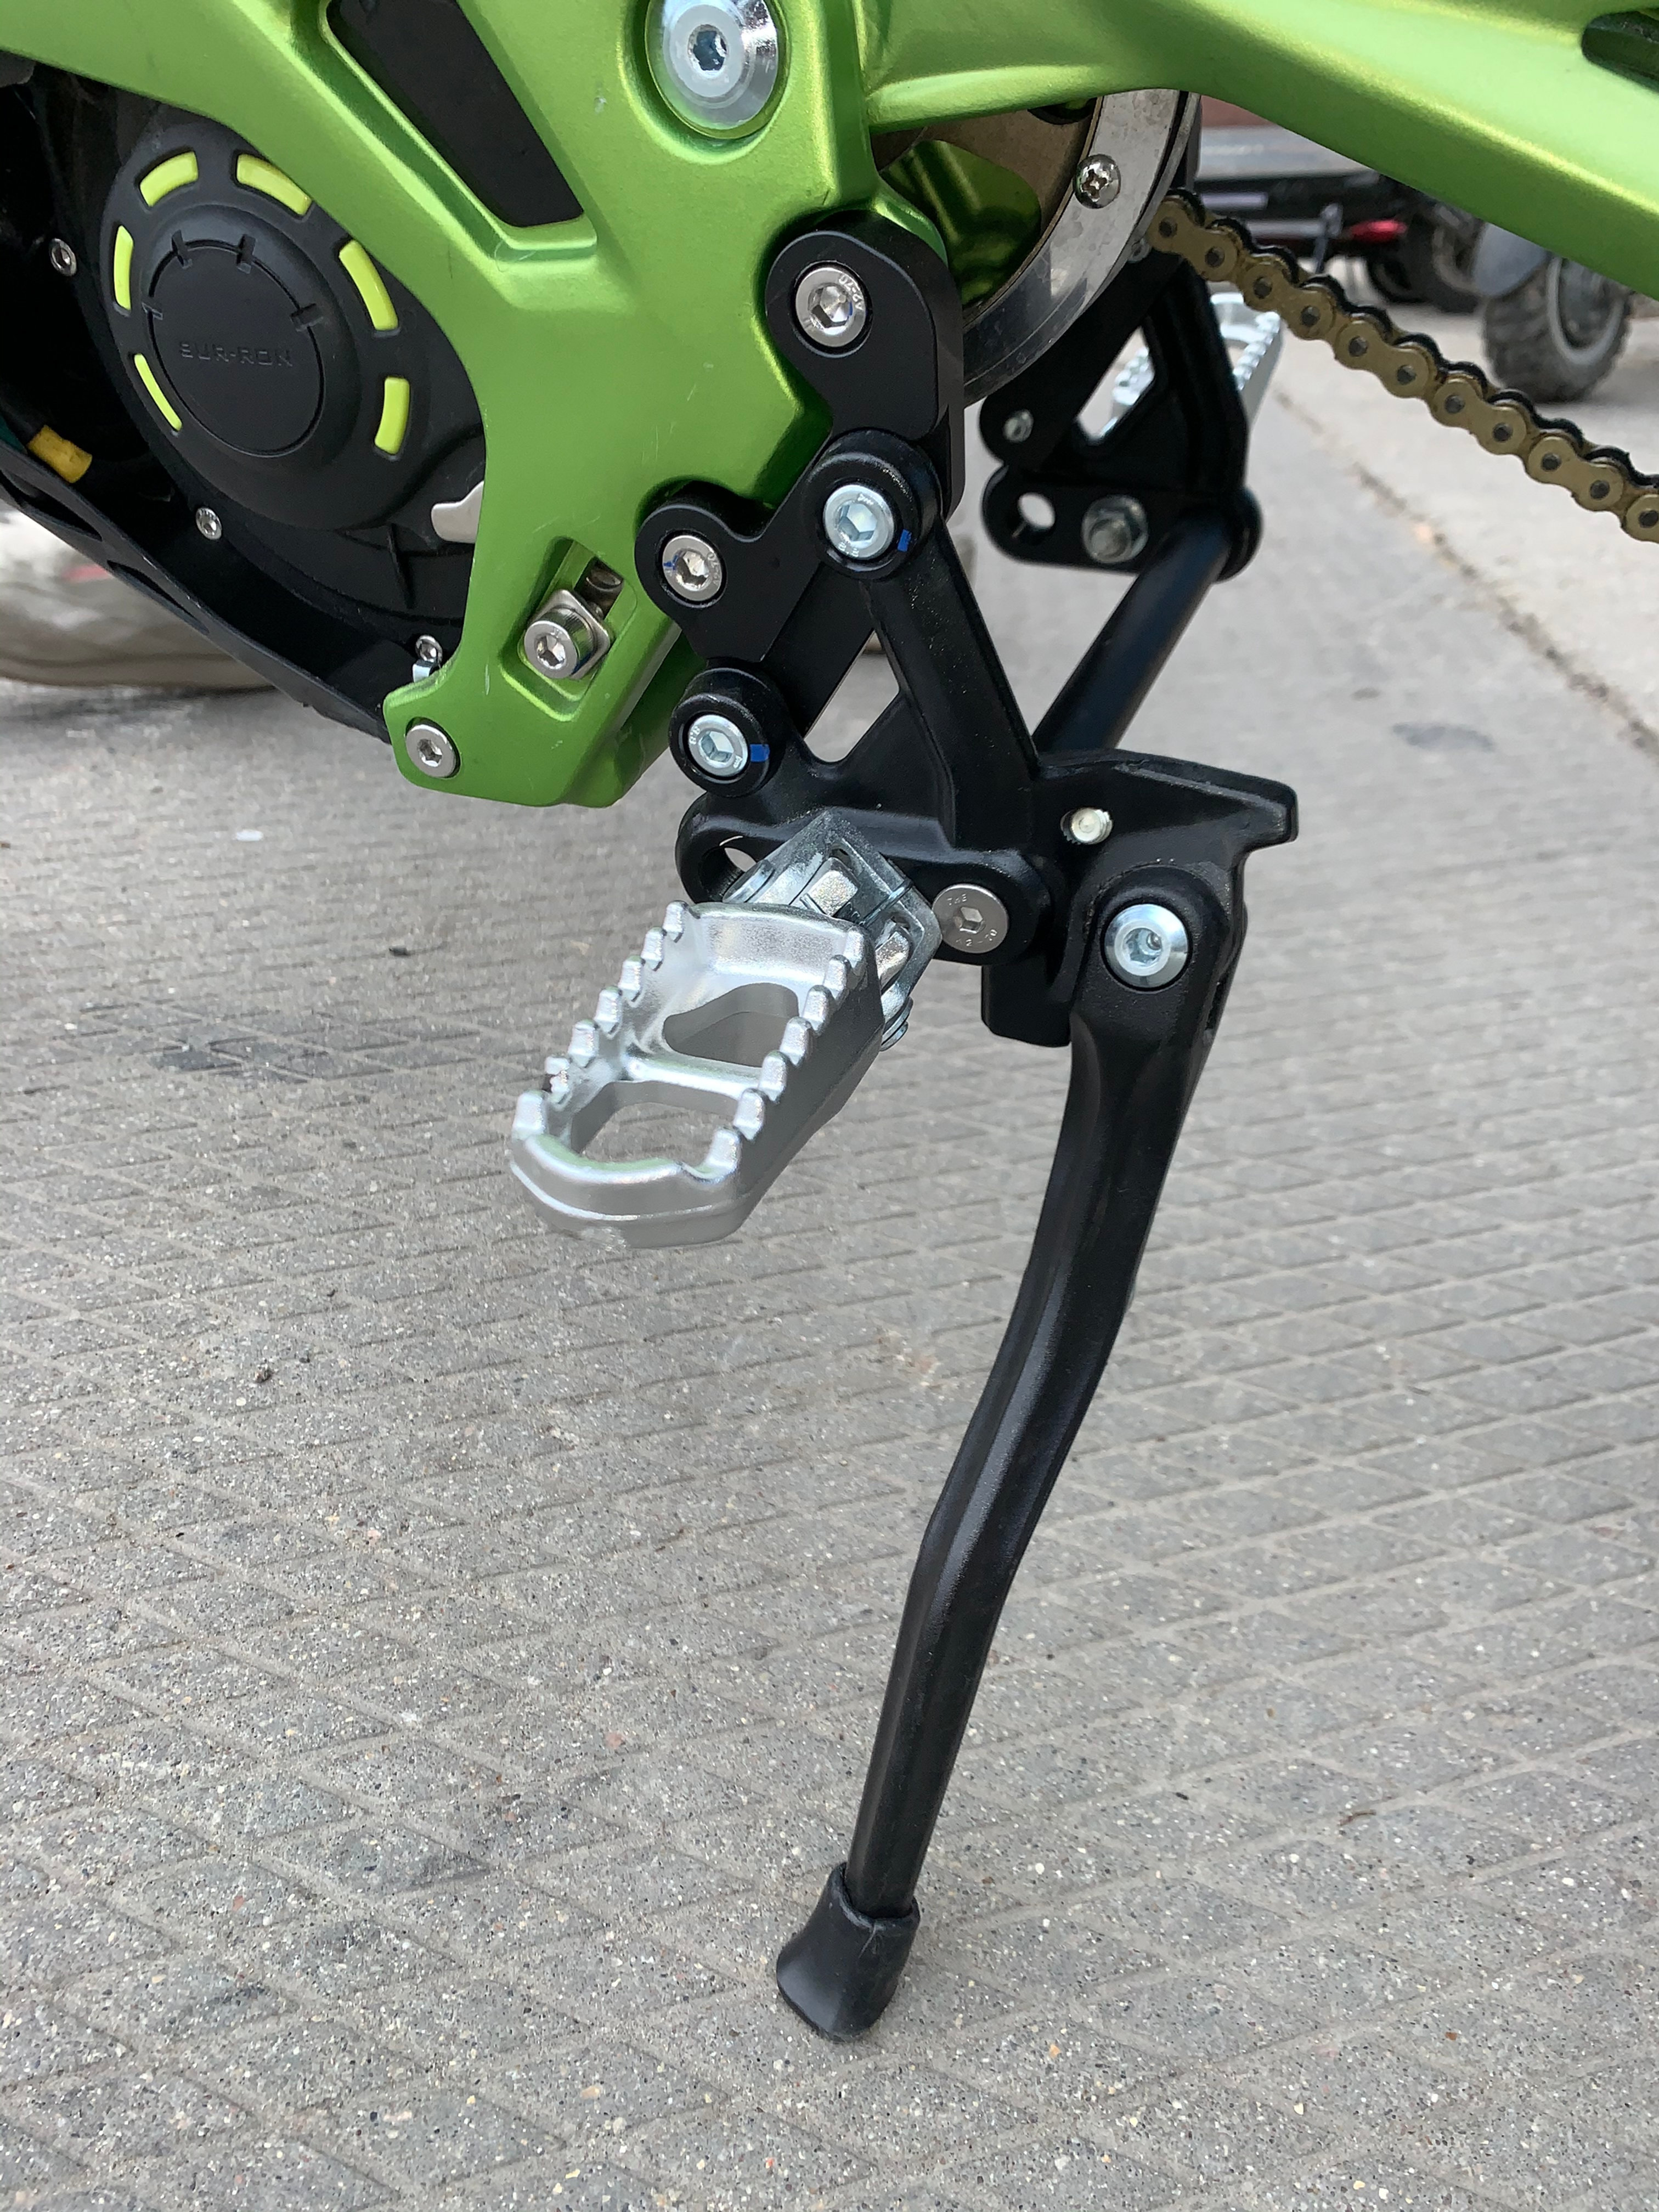 Peg spacers Sur-Ron X Peg extenders Peg lowers